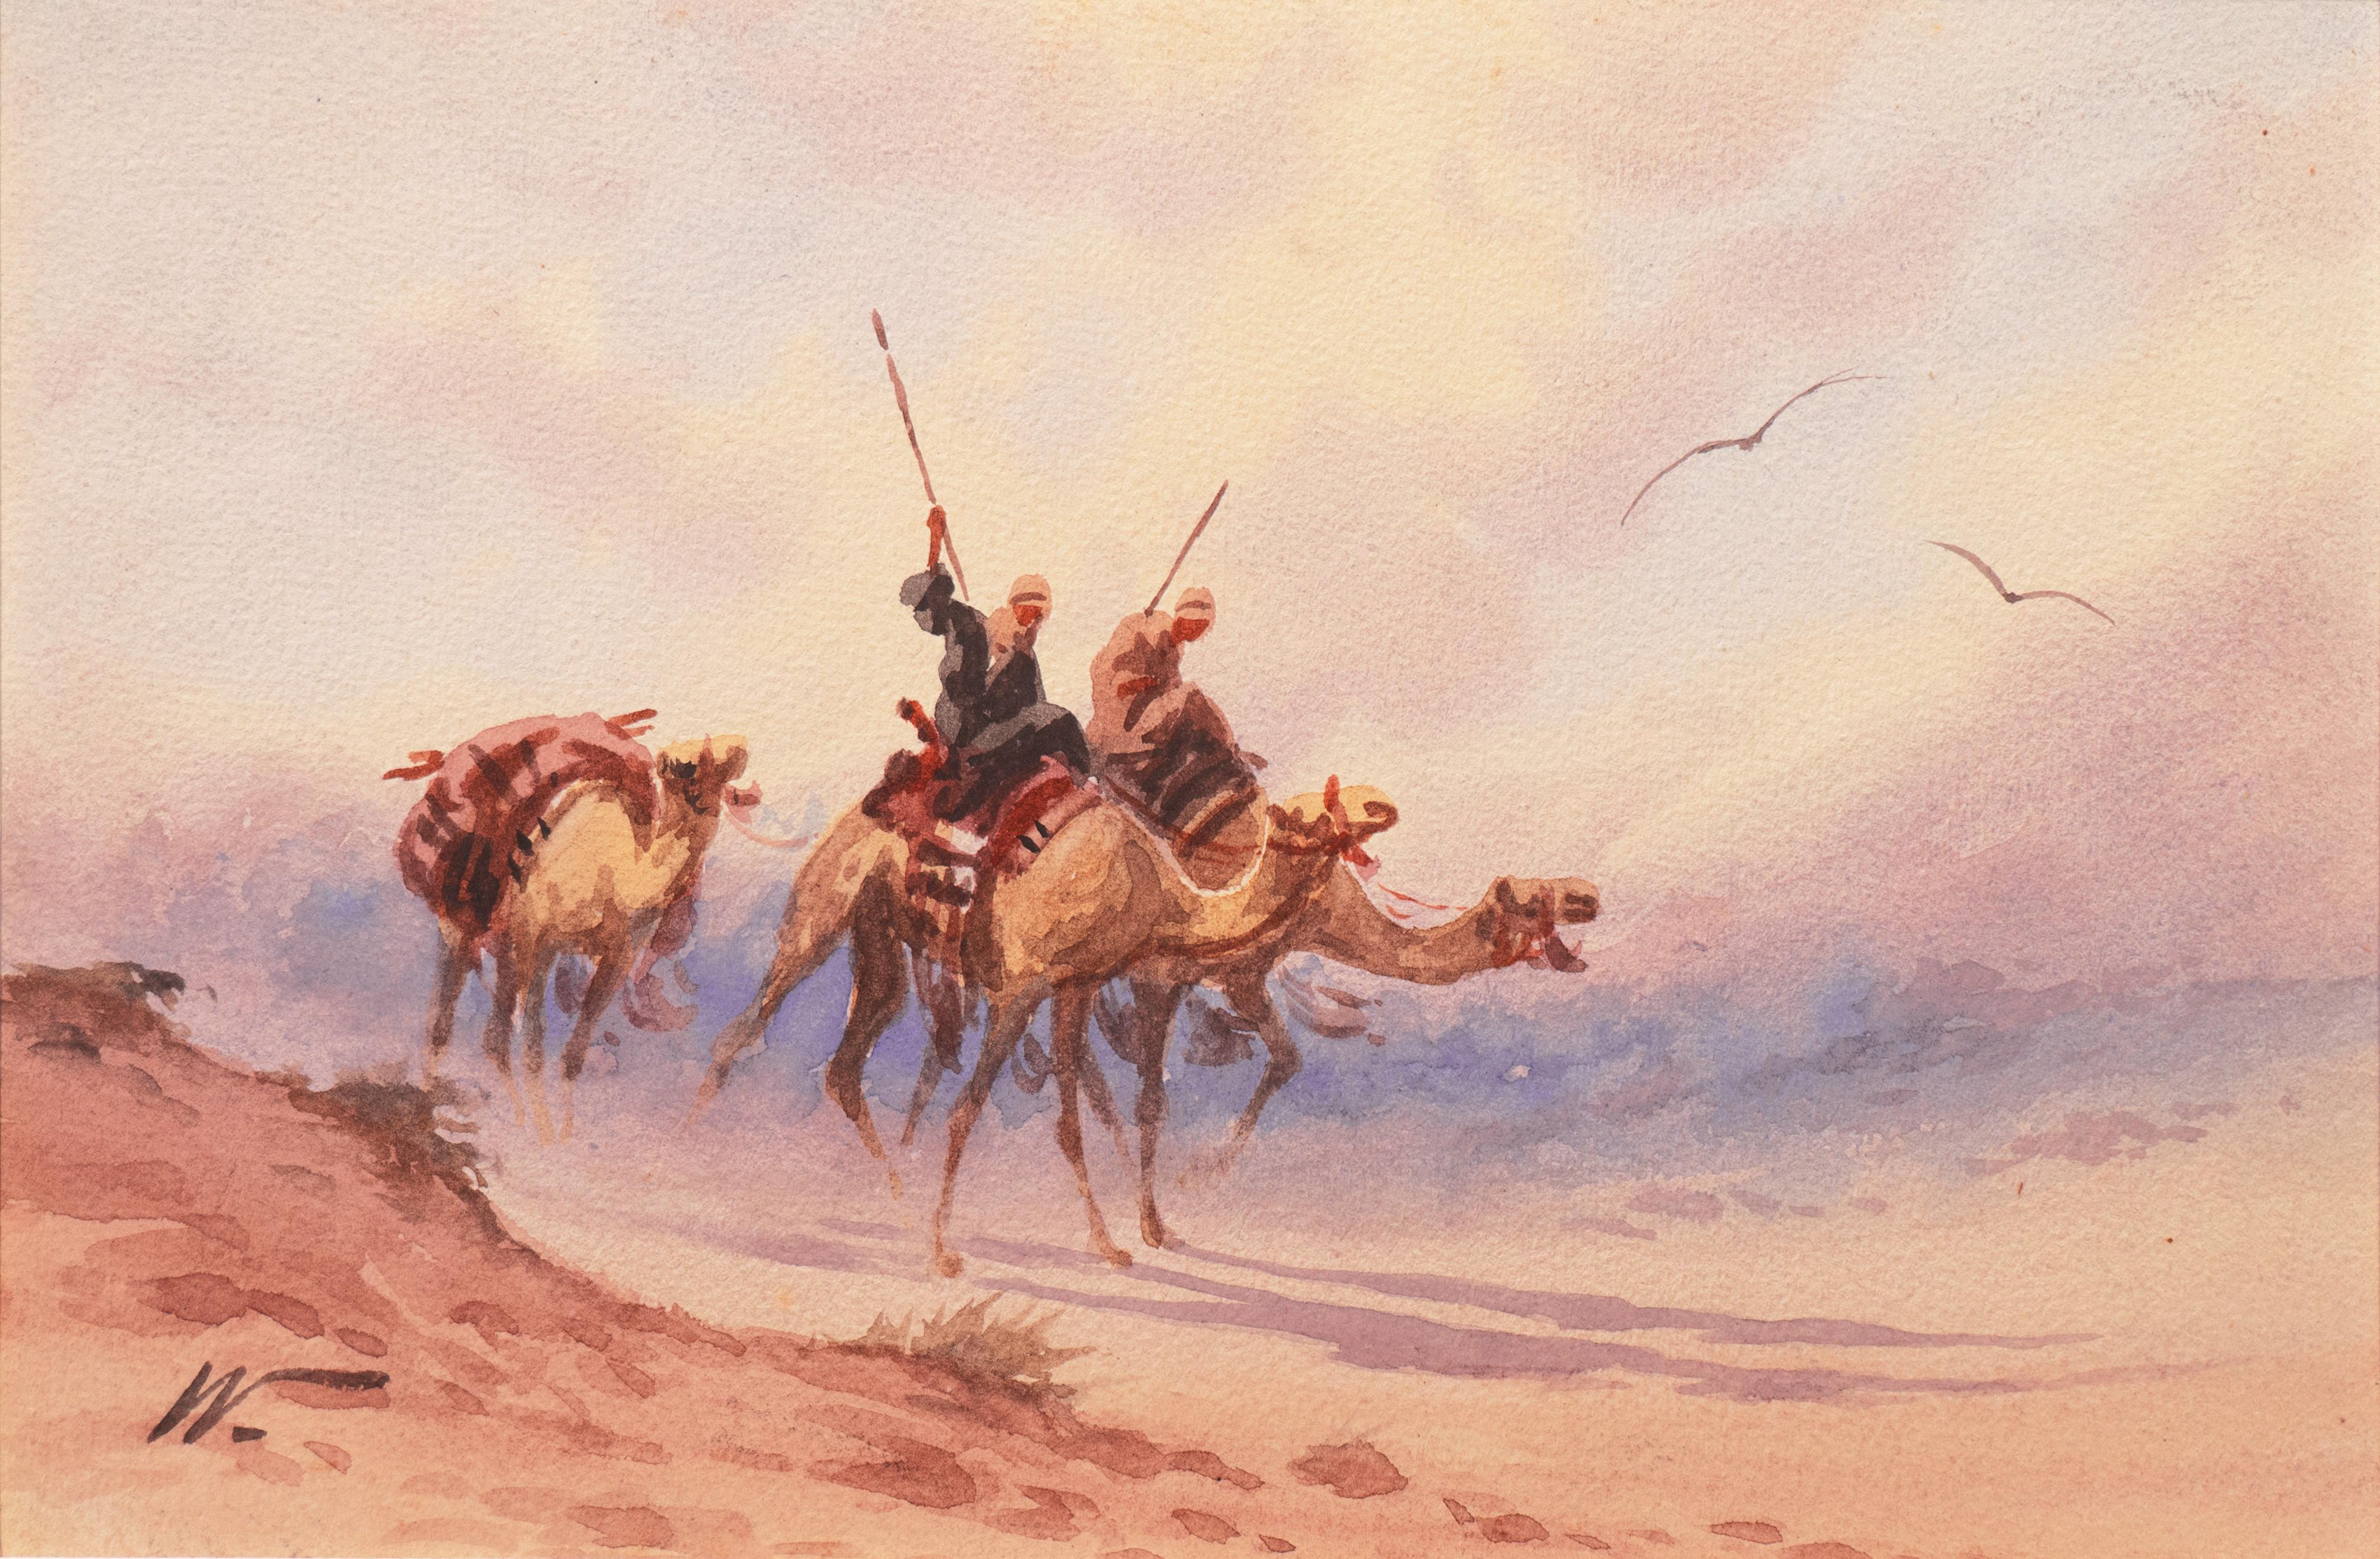 'Camels Racing', American Orientalist, Paris Salon, Ecole des Beaux-Arts, PAFA